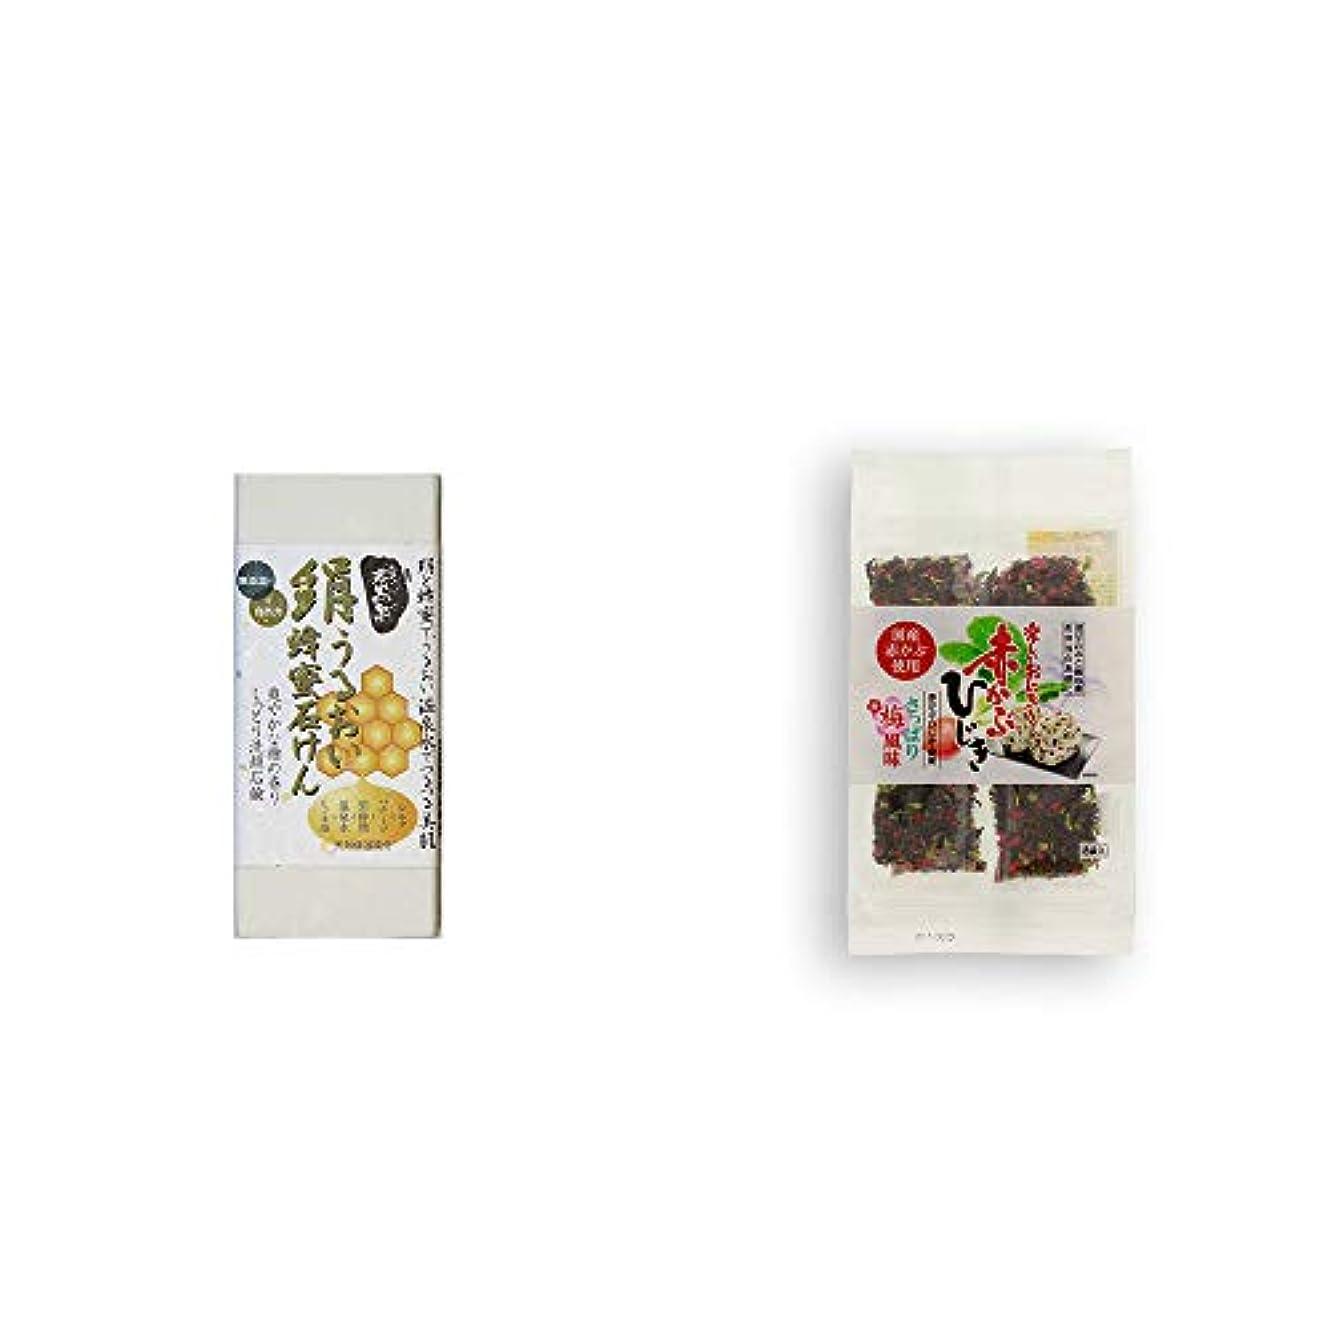 死南東センサー[2点セット] ひのき炭黒泉 絹うるおい蜂蜜石けん(75g×2)?楽しいおにぎり 赤かぶひじき(8g×8袋)